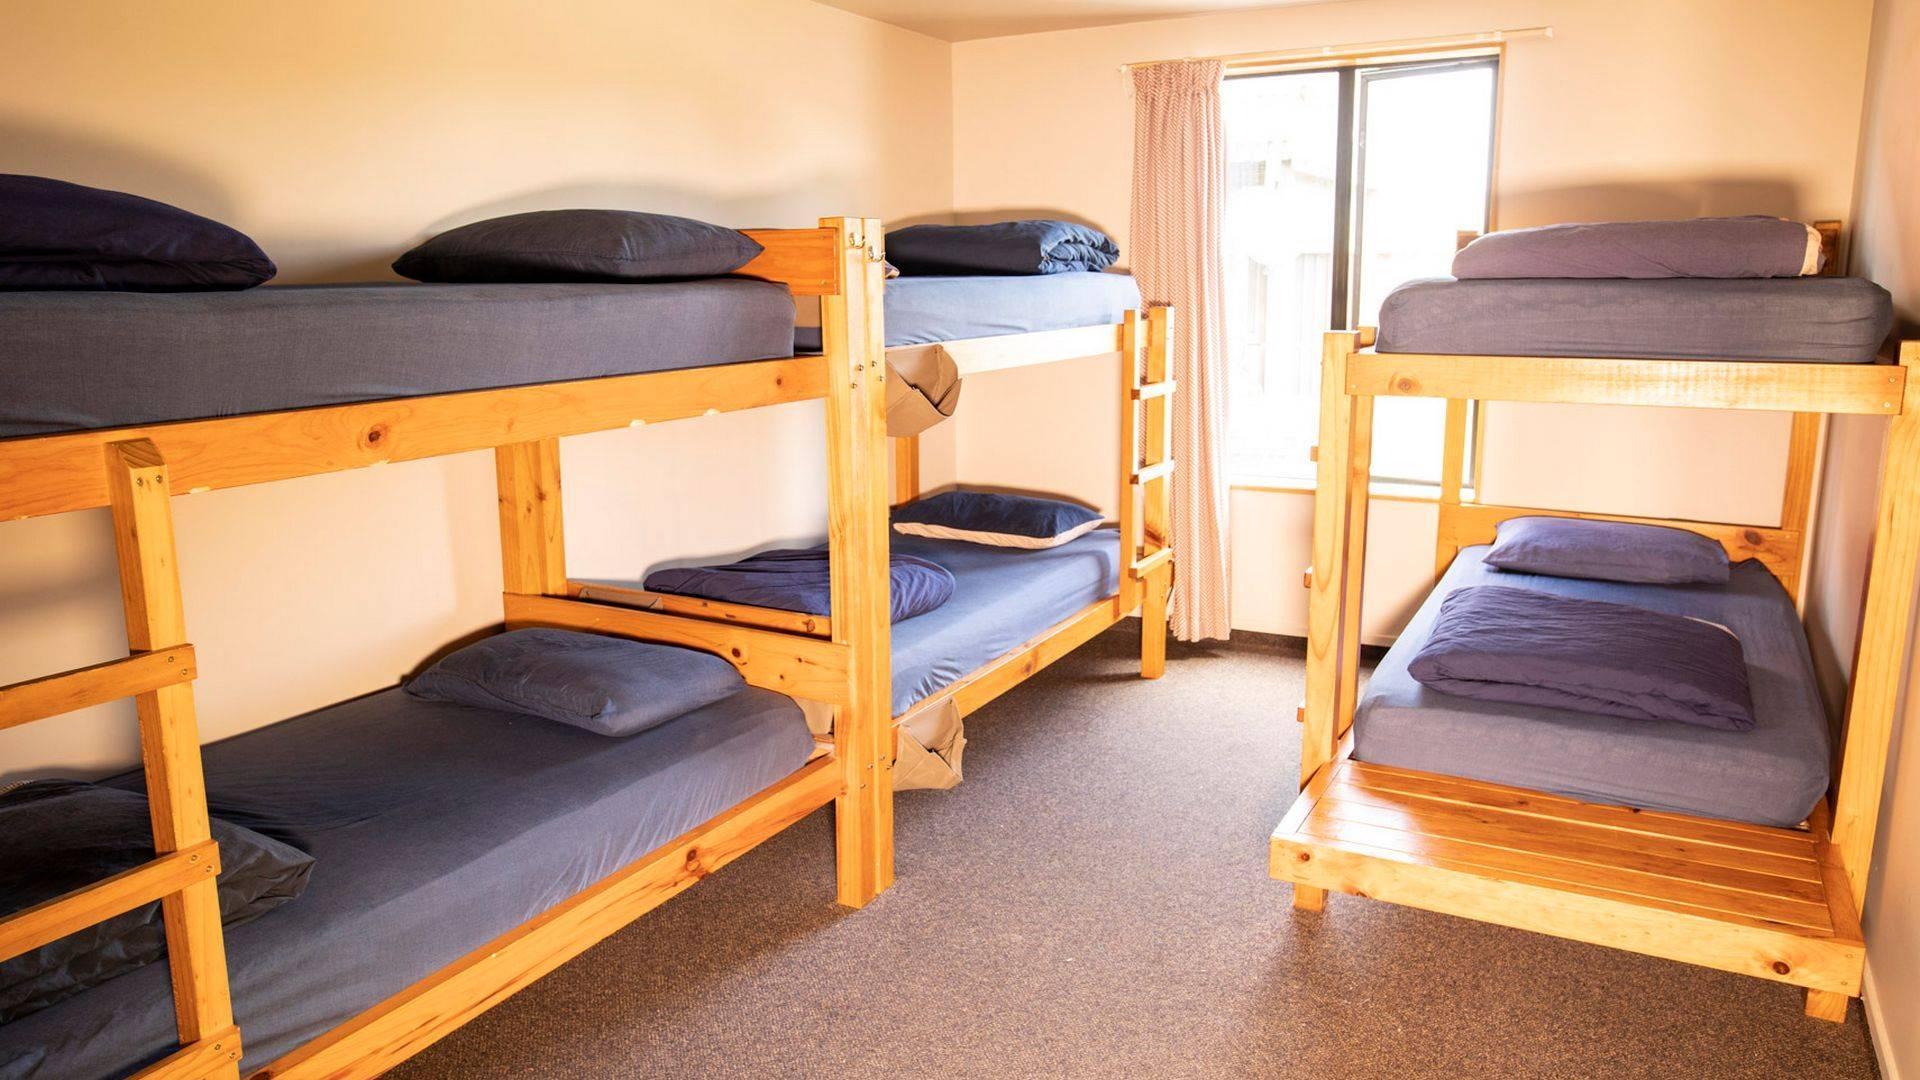 Dorm Room Dusky Lodge